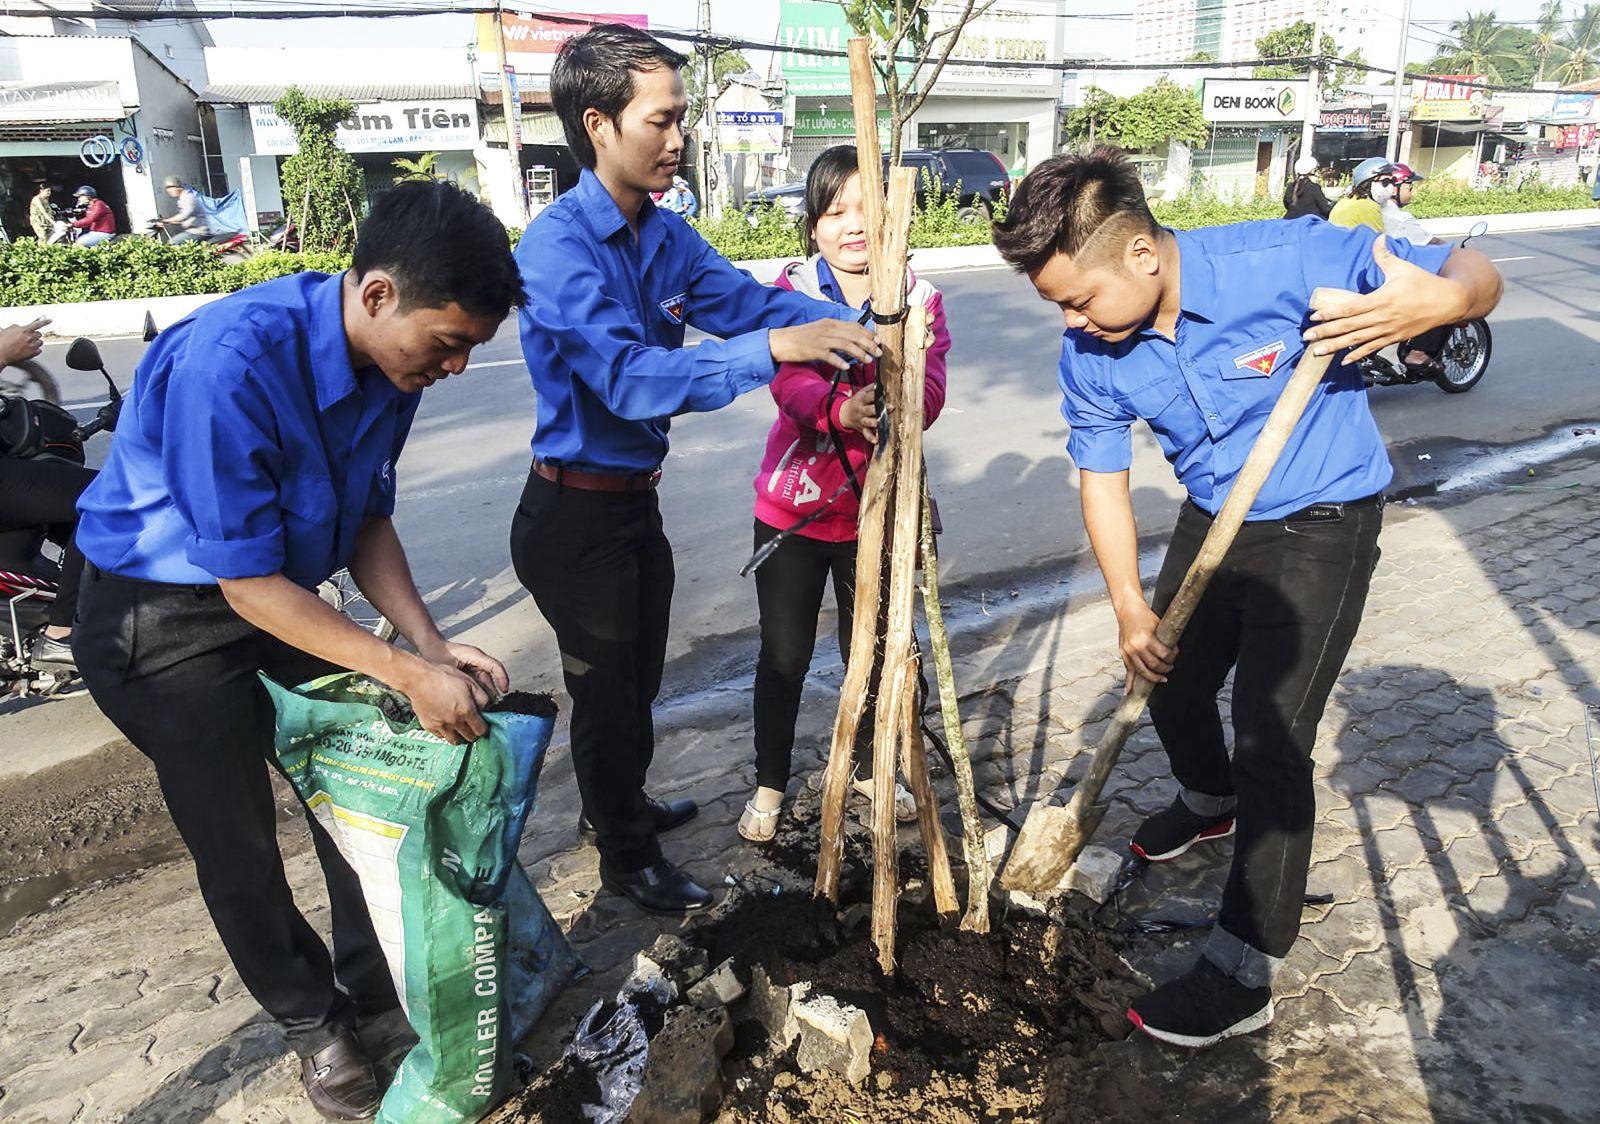 Đoàn viên thanh niên quận Ninh Kiều trồng cây xanh bảo vệ môi trường tại đường Nguyễn Văn Linh. Ảnh: HÀ VĂN